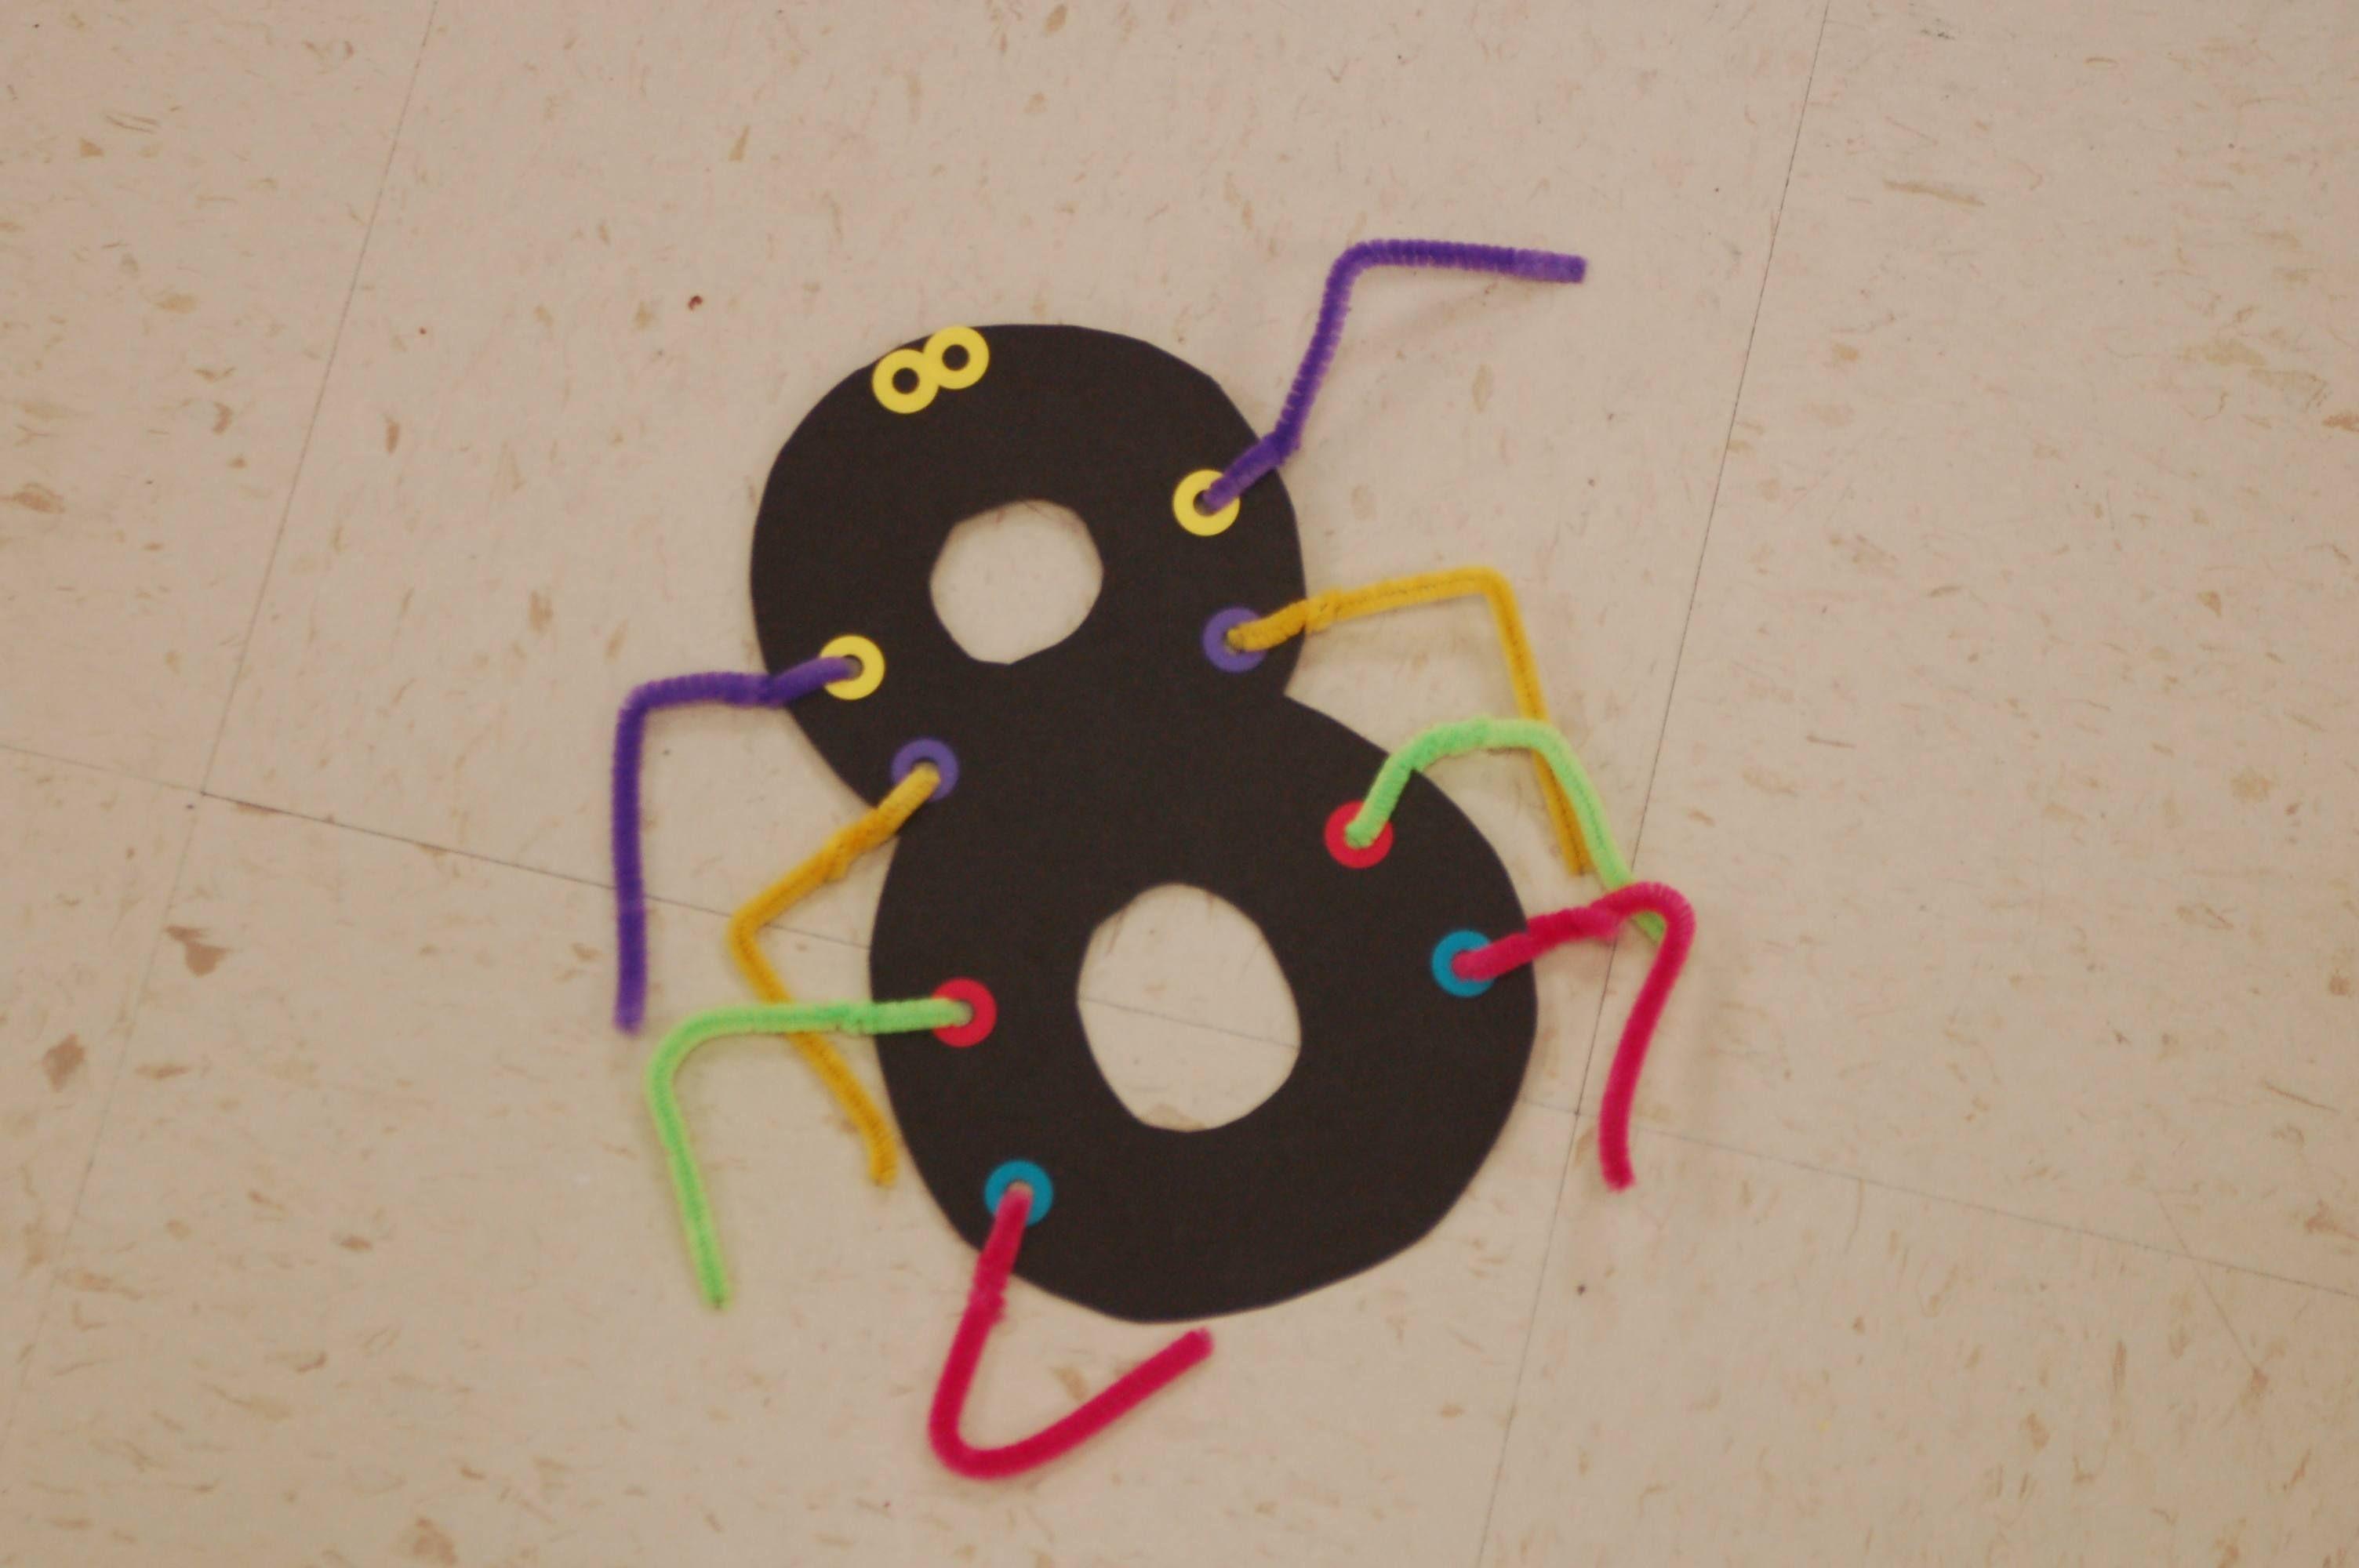 Number 8 Spider Octobercrafts Number 8 Spider Preschool Crafts Spider Crafts October Ideas